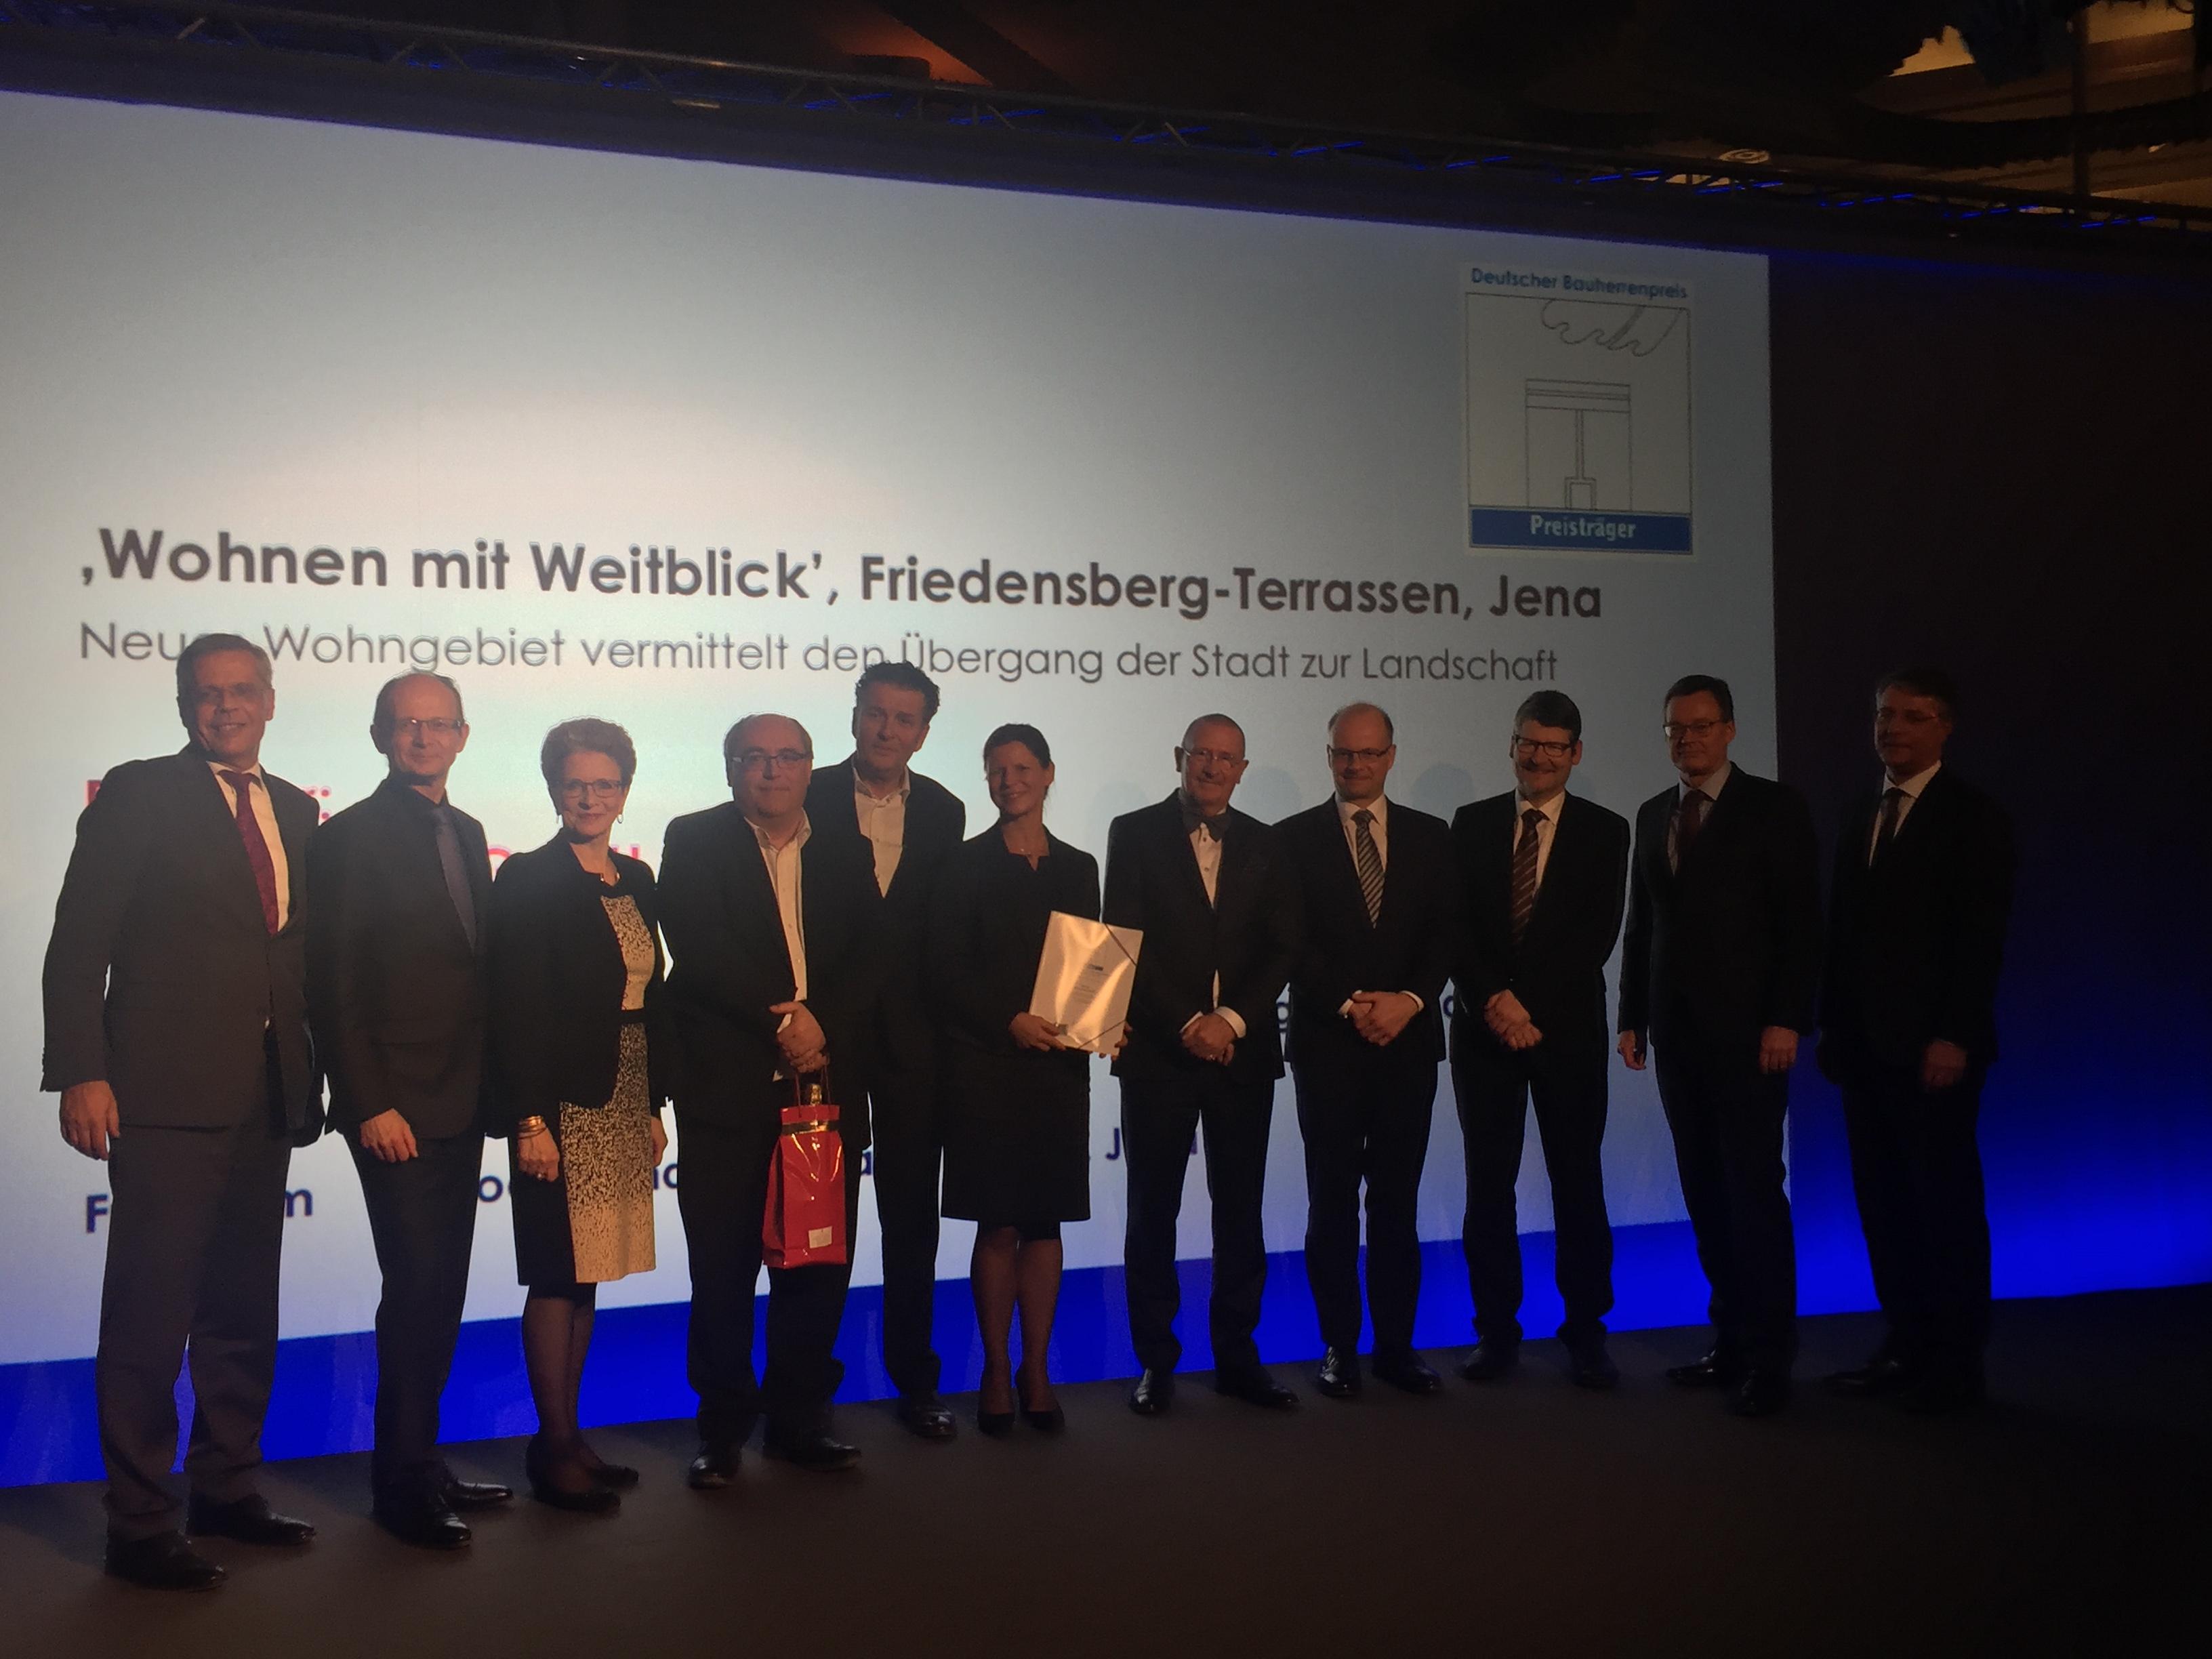 Deutscher Bauherrenpreis 2018 an jenawohnen GmbH verliehen